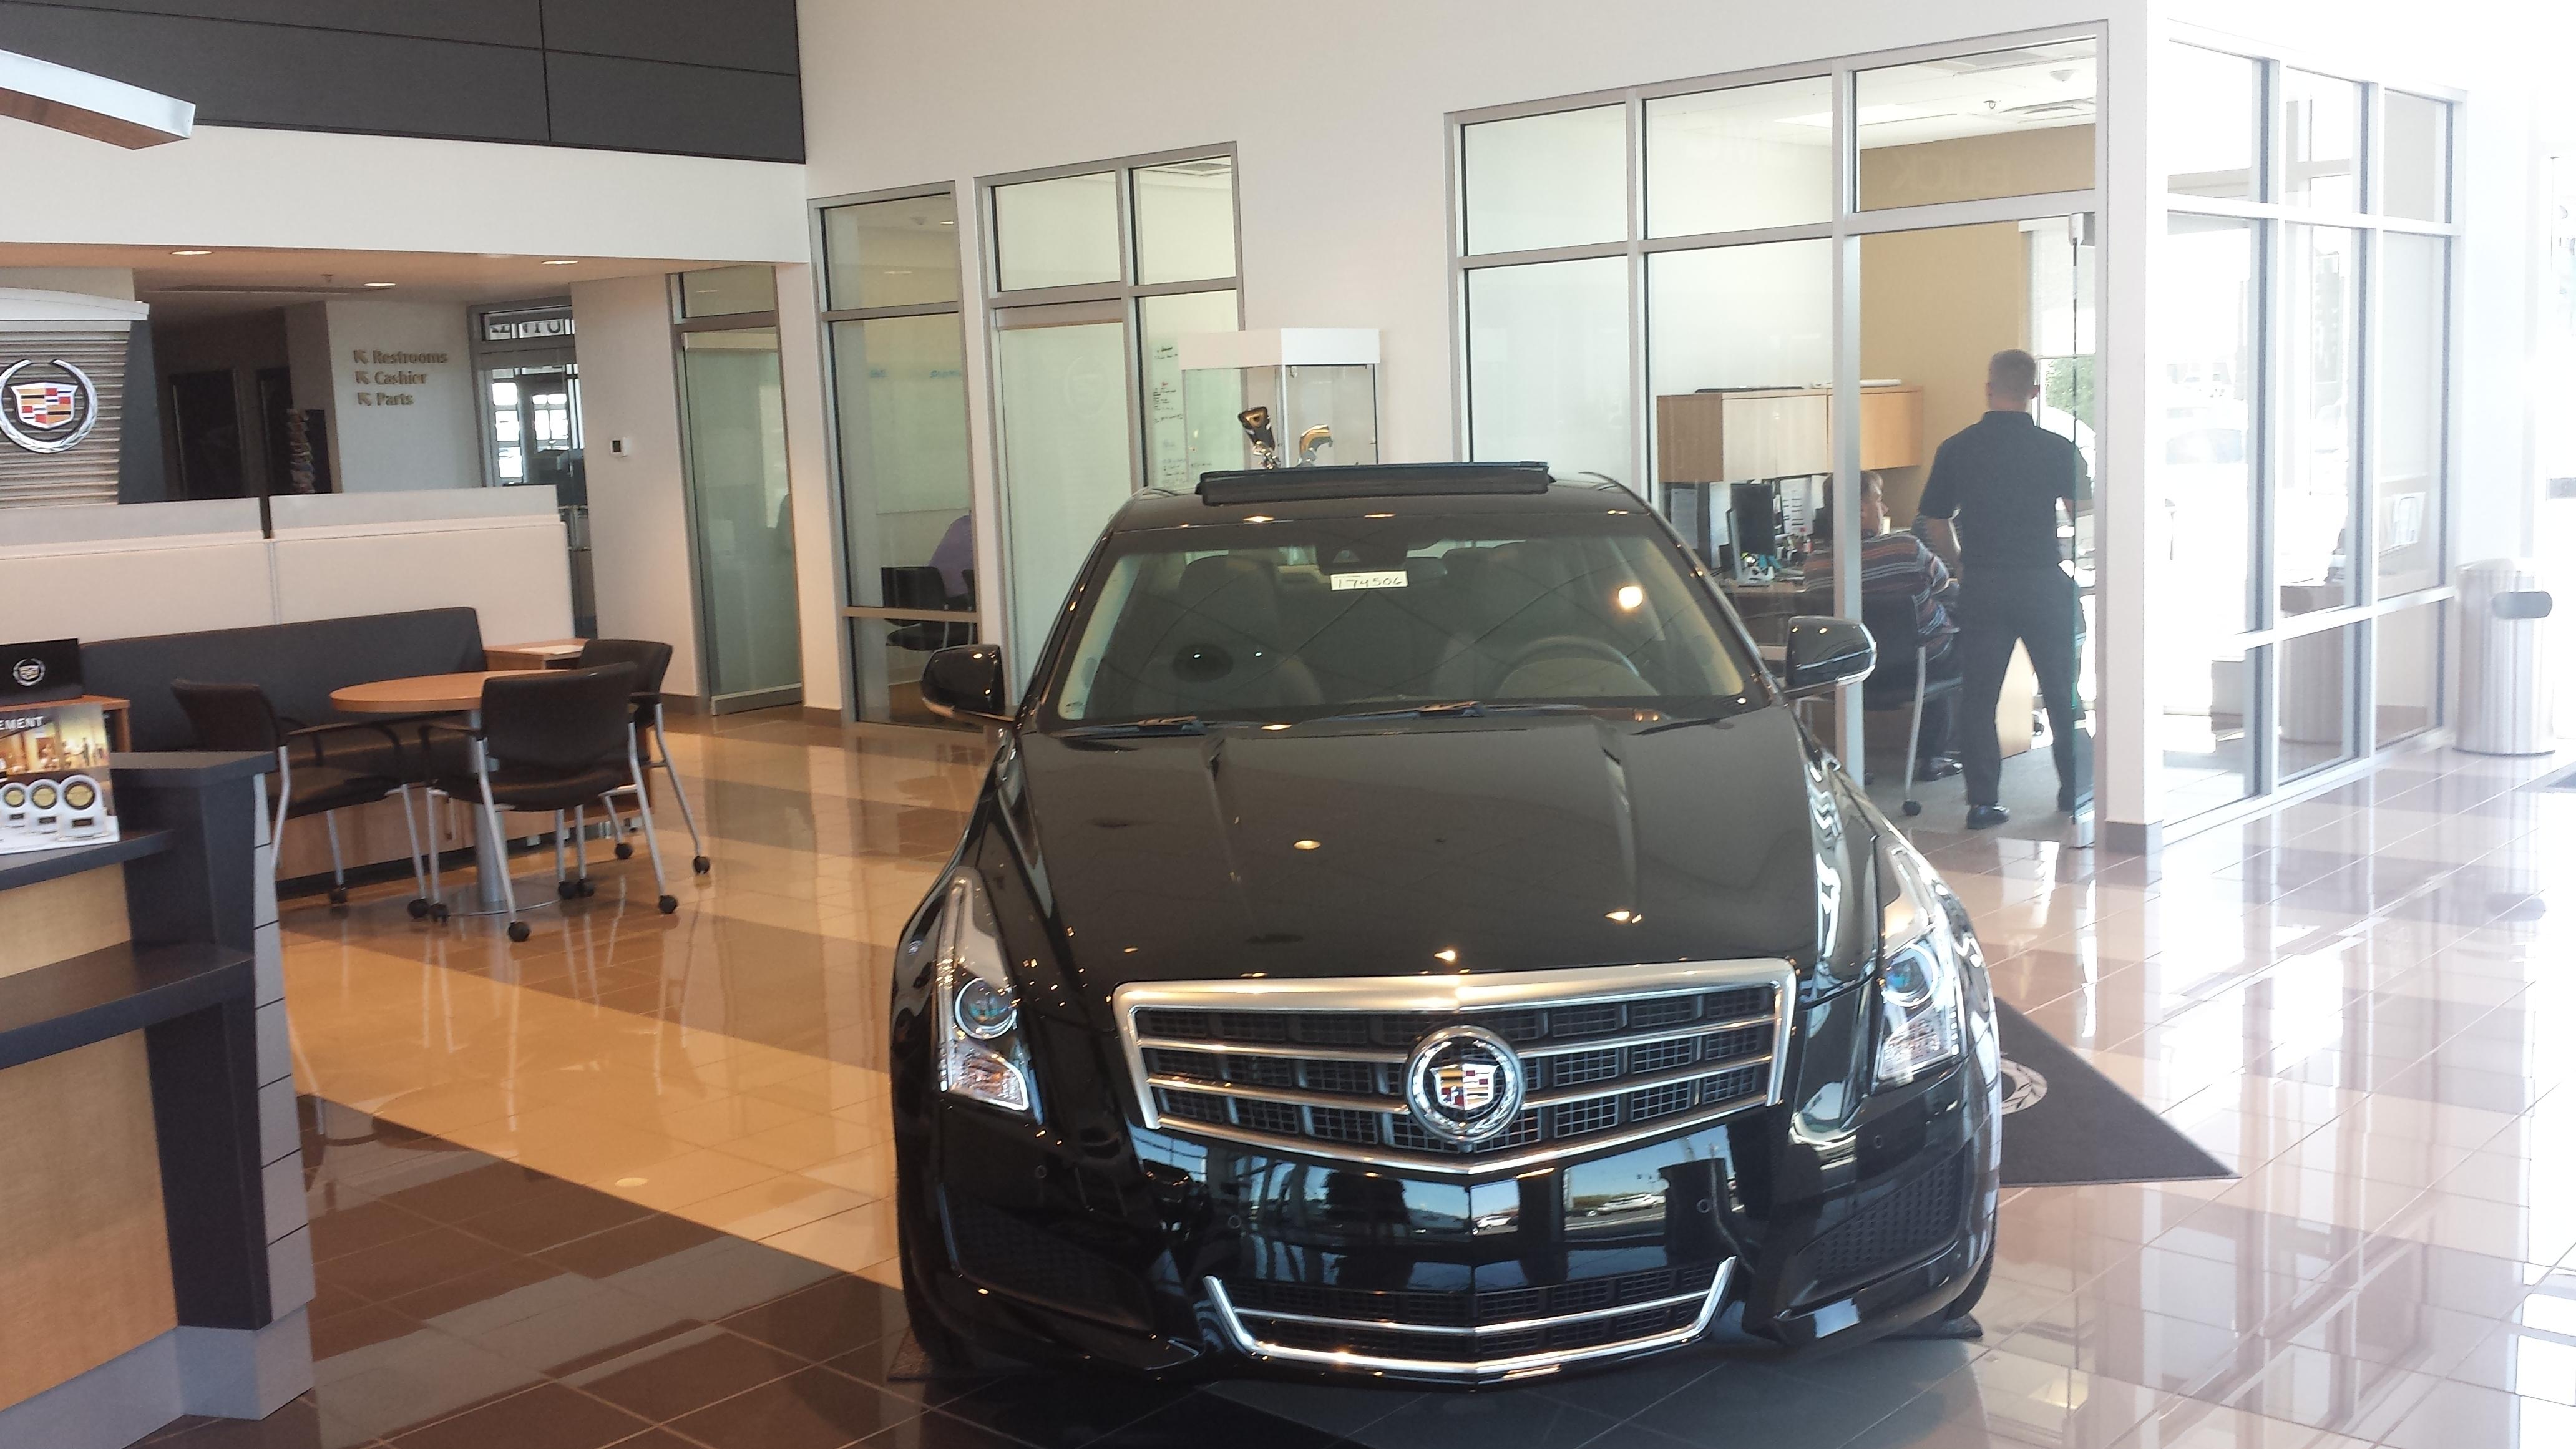 Leachman Buick GMC Cadillac image 3